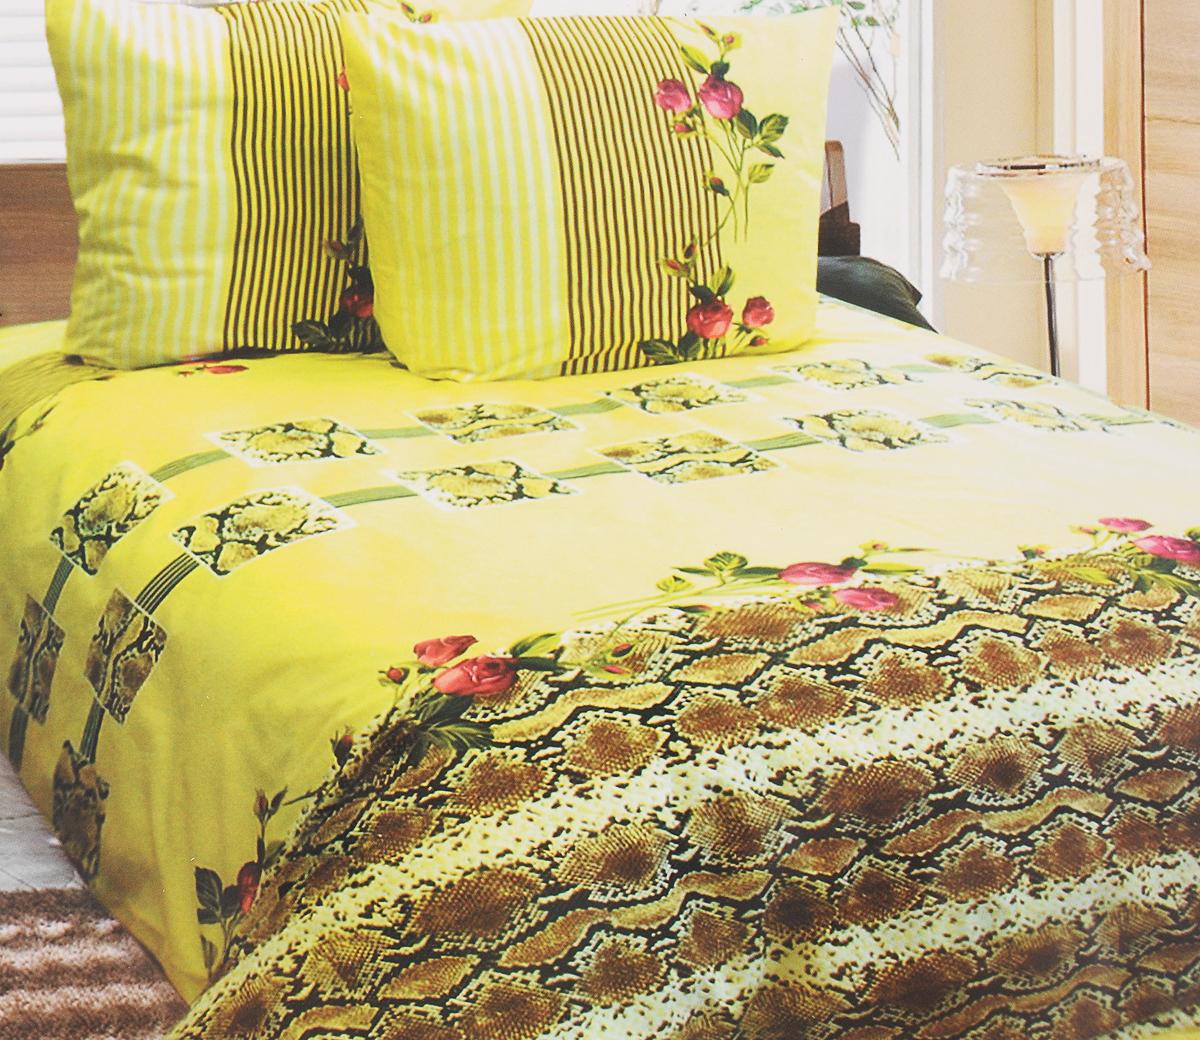 Комплект белья Катюша Клеопатра, 2-спальный, наволочки 70х70, цвет: светло-желтый, коричневый, красный391602Комплект постельного белья Катюша Клеопатра является экологически безопасным для всей семьи, так как выполнен из бязи (100% хлопок). Комплект состоит из пододеяльника, простыни и двух наволочек. Постельное белье оформлено оригинальным рисунком и имеет изысканный внешний вид.Бязь - это ткань полотняного переплетения, изготовленная из экологически чистого и натурального 100% хлопка. Она прочная, мягкая, обладает низкой сминаемостью, легко стирается и хорошо гладится. Бязь прекрасно пропускает воздух и за ней легко ухаживать. При соблюдении рекомендуемых условий стирки, сушки и глажения ткань имеет усадку по ГОСТу, сохранятся яркость текстильных рисунков. Приобретая комплект постельного белья Катюша Клеопатра, вы можете быть уверенны в том, что покупка доставит вам и вашим близким удовольствие иподарит максимальный комфорт.